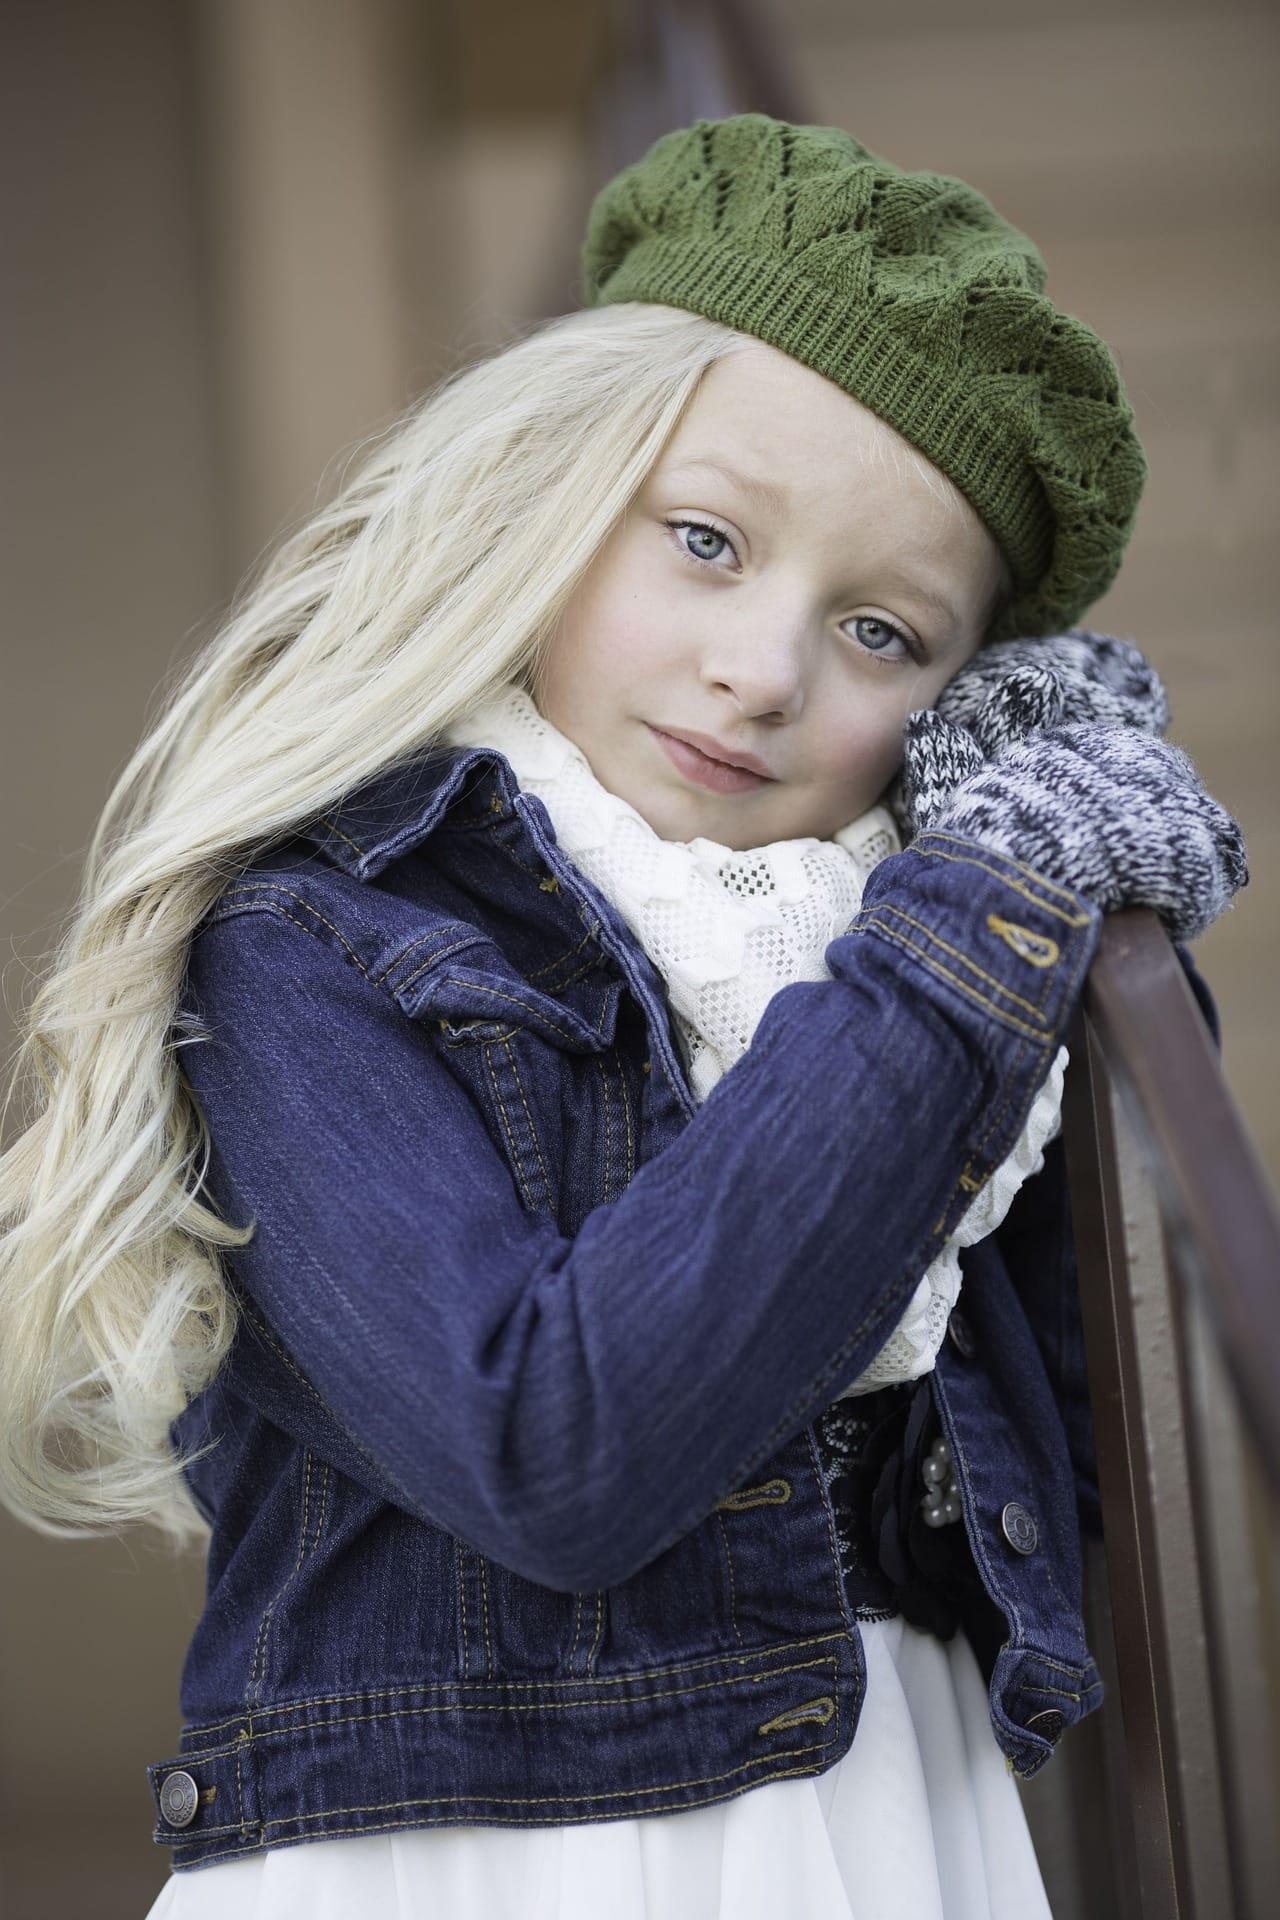 Retrato de una niña en invierno